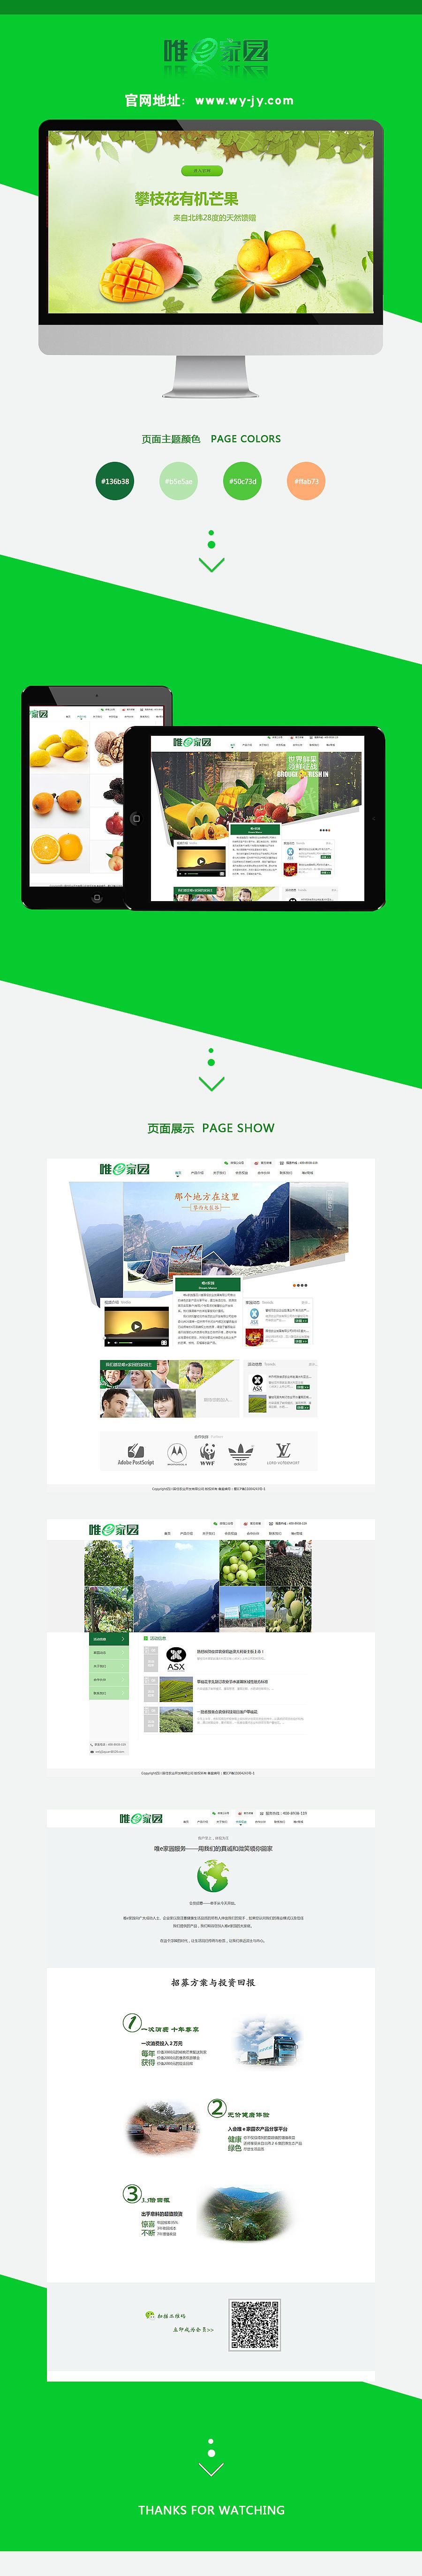 WWW_WY955_COM_www.wy-jy.com